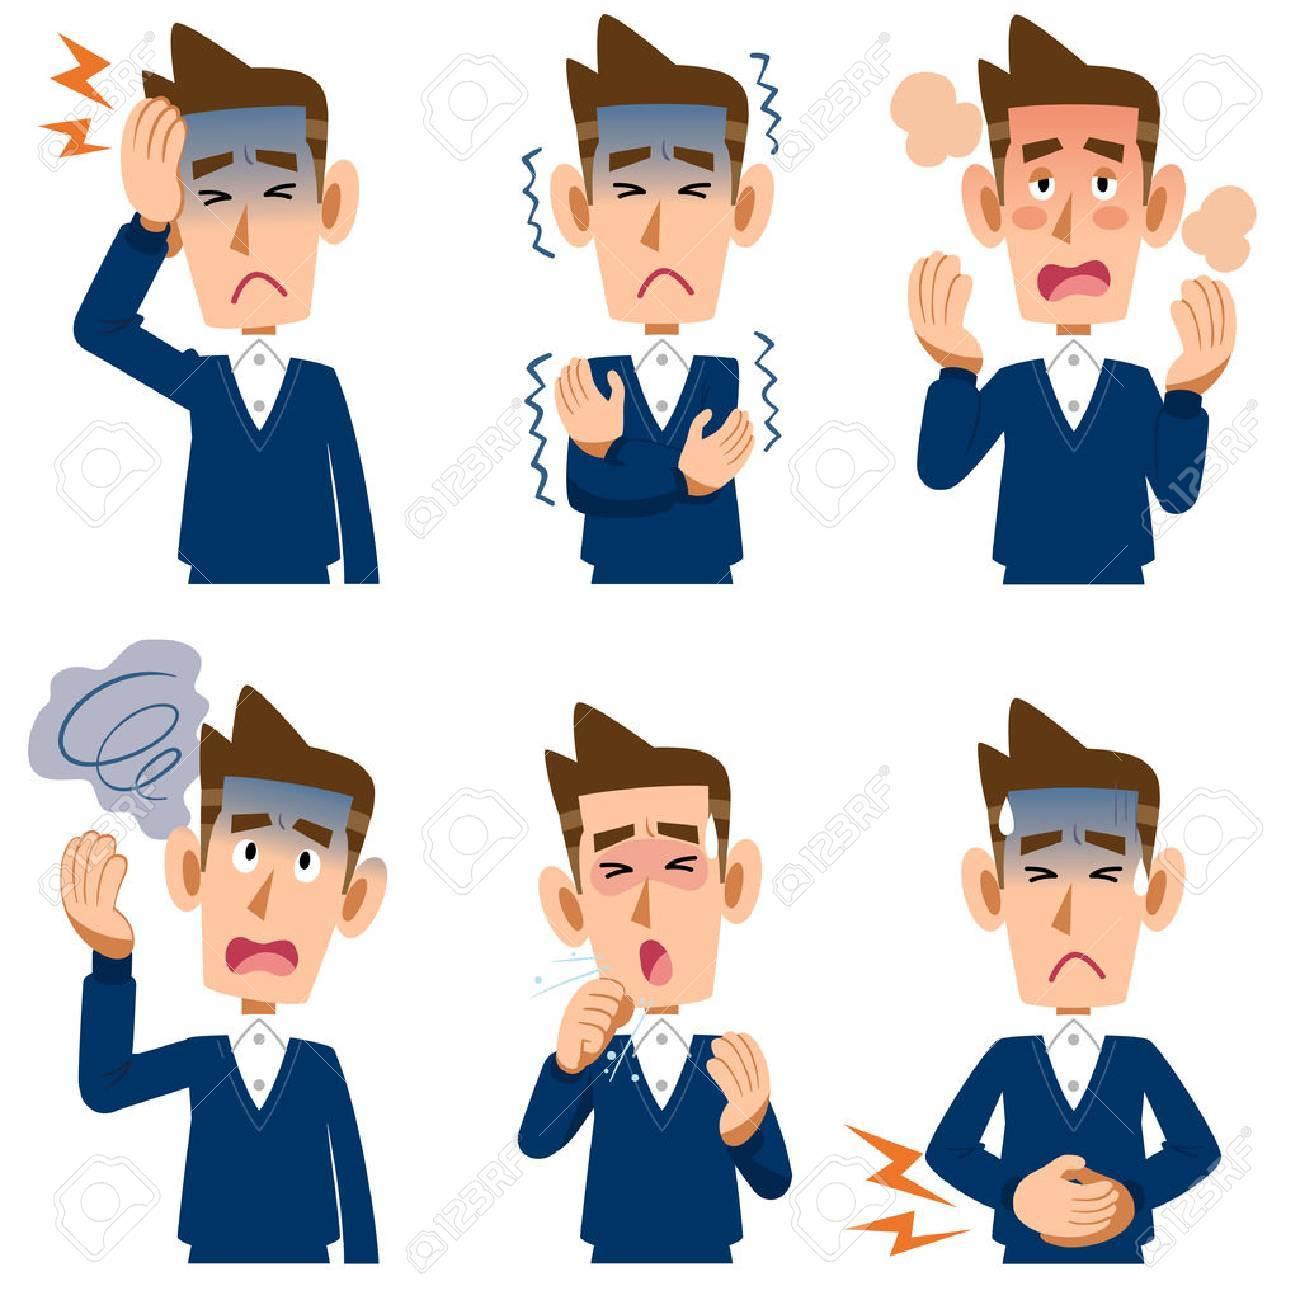 Symptoms of the disease for men 6 - 59810197